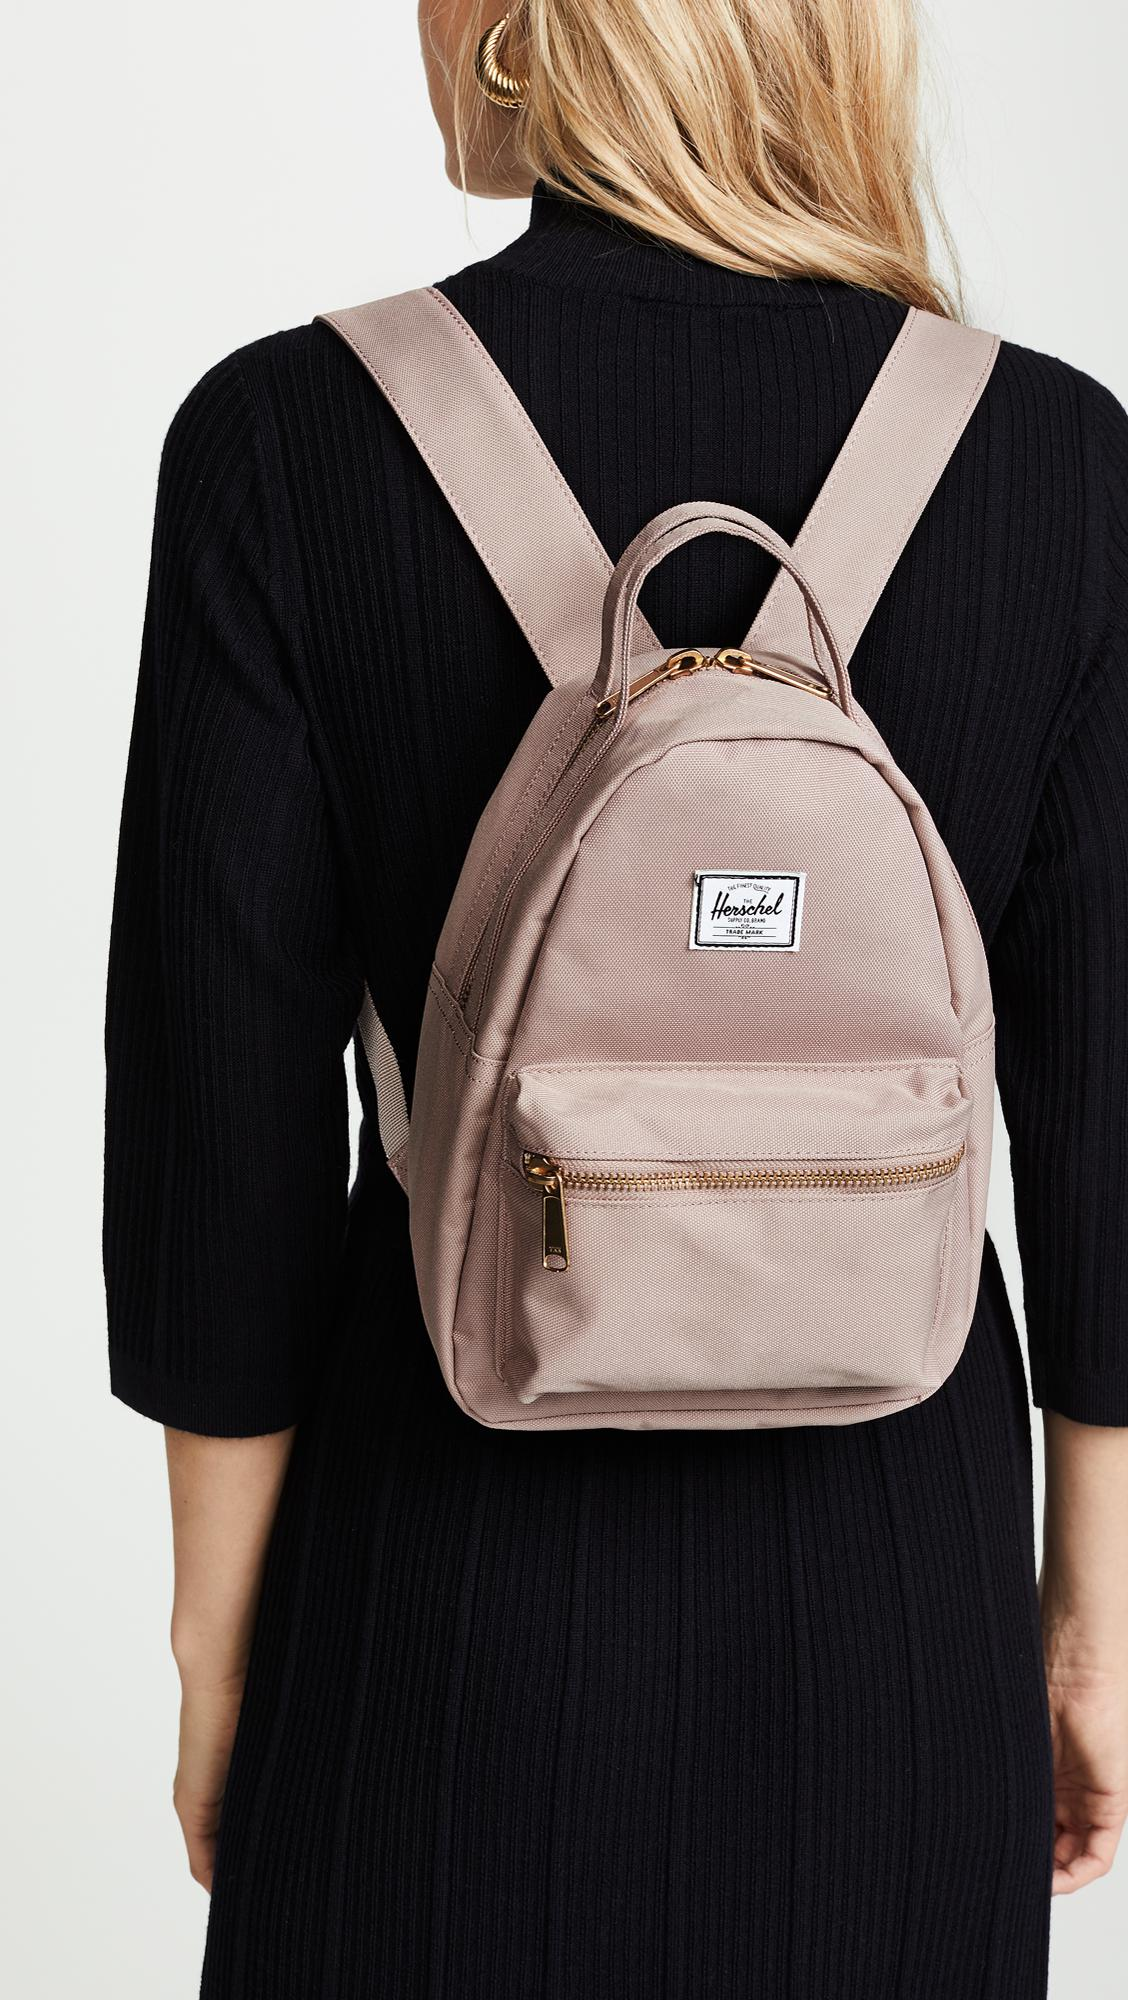 ae6736b58d5 Lyst - Herschel Supply Co. Nova Mini Backpack